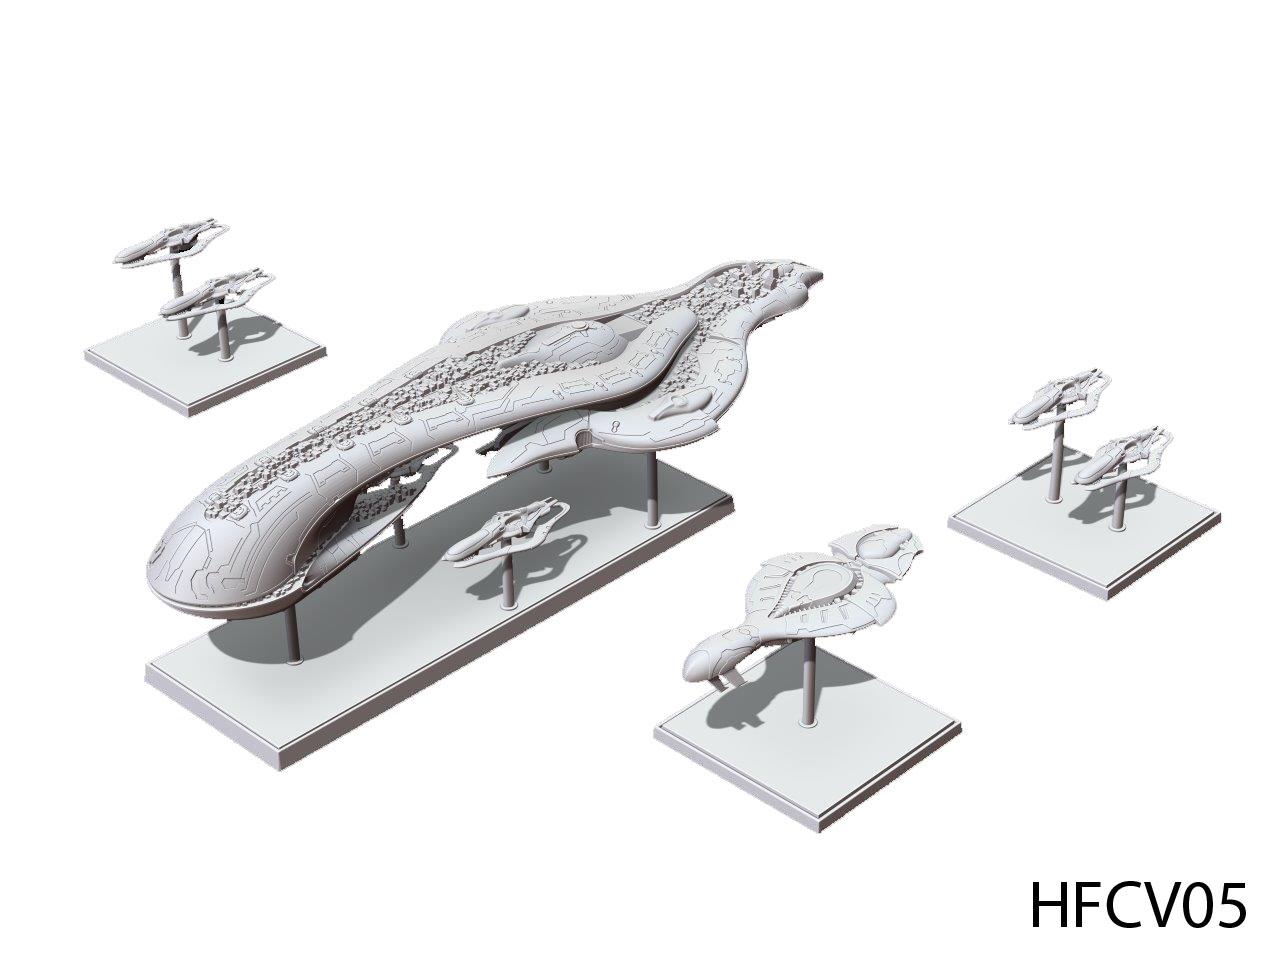 HFCV05-2